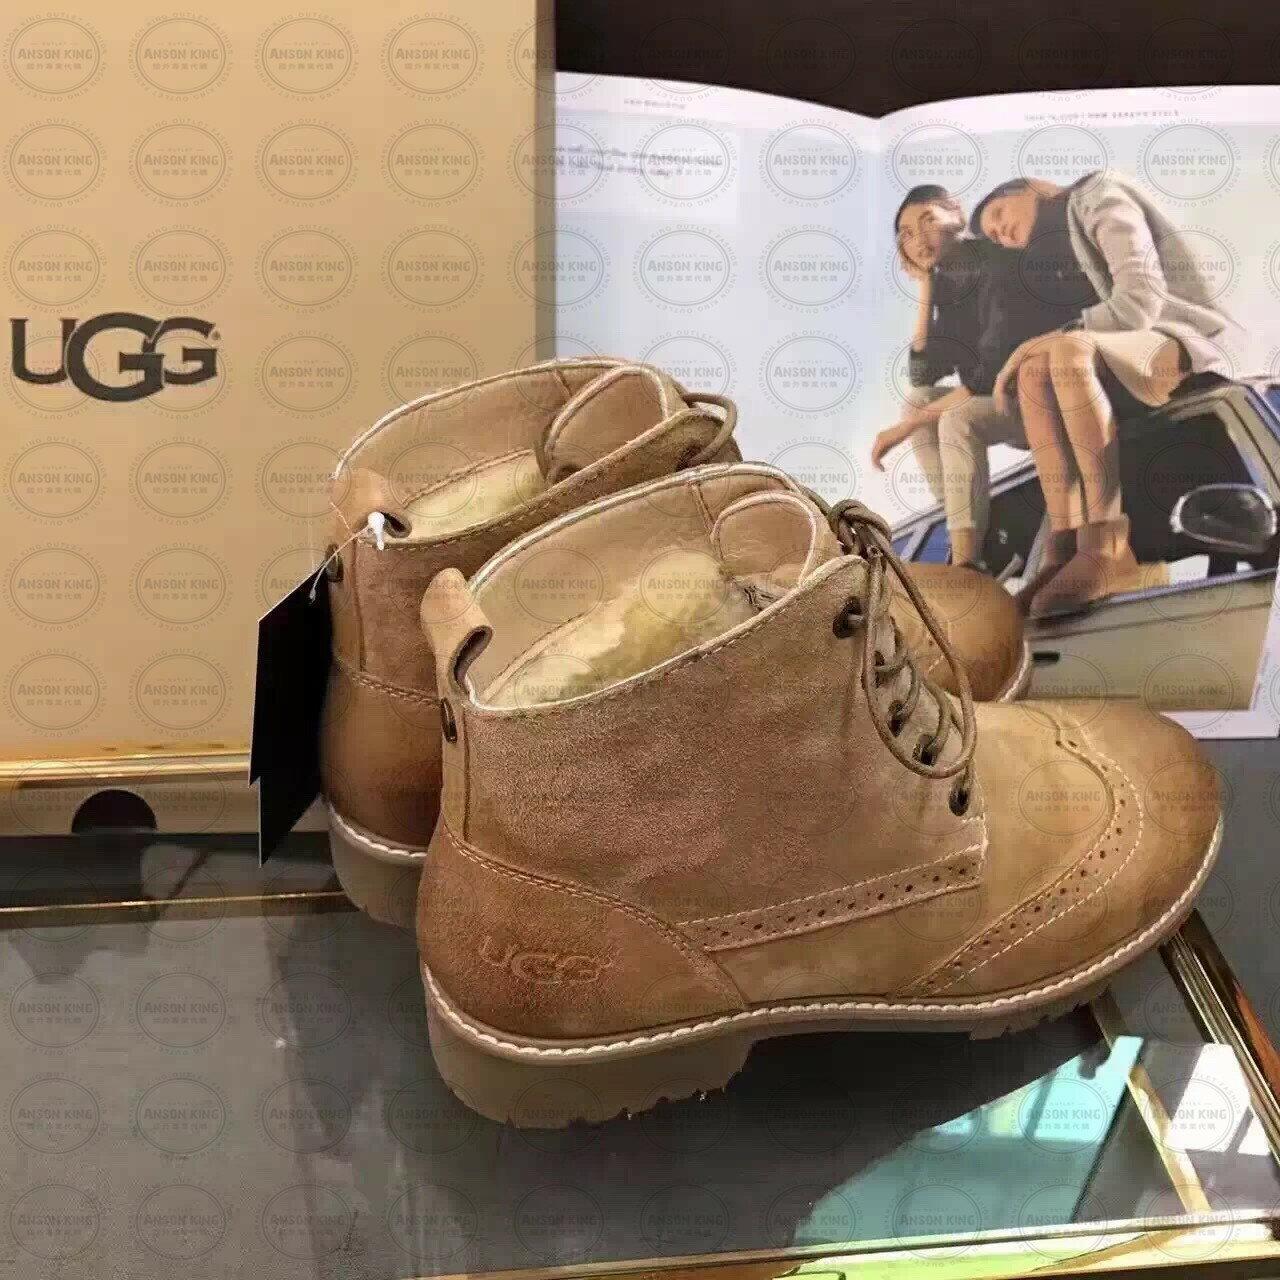 OUTLET正品代購 澳洲 UGG 女款加厚磨砂面 馬汀靴 中長靴 保暖 真皮羊皮毛 雪靴 短靴 駝色 3